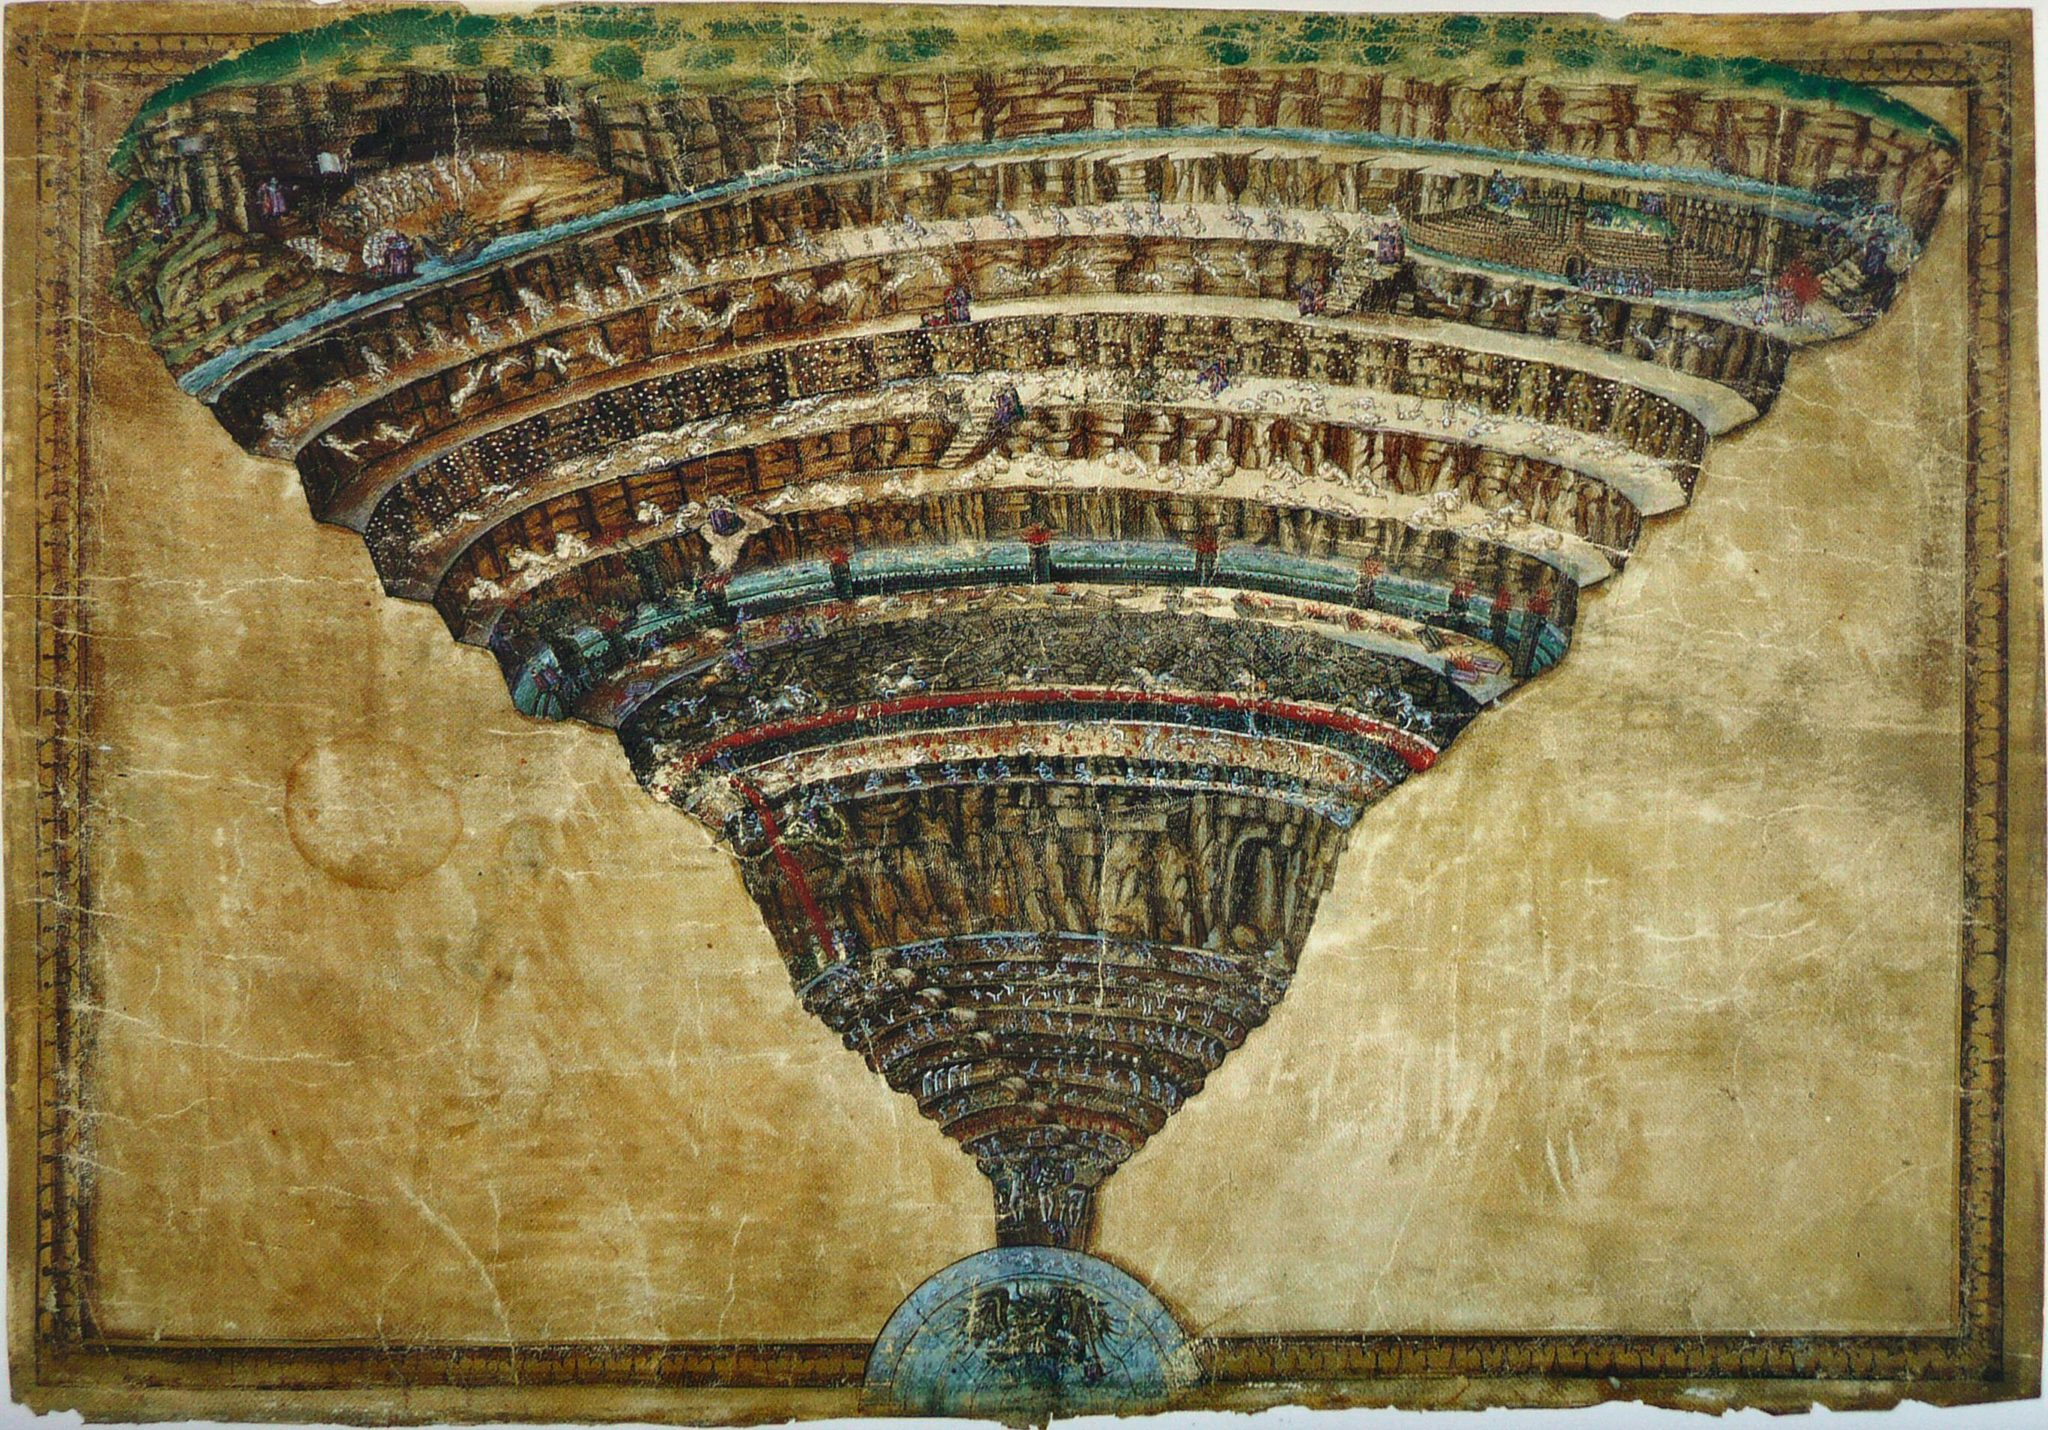 9 cercles de l'enfer par Dante dans la Divine Comedie